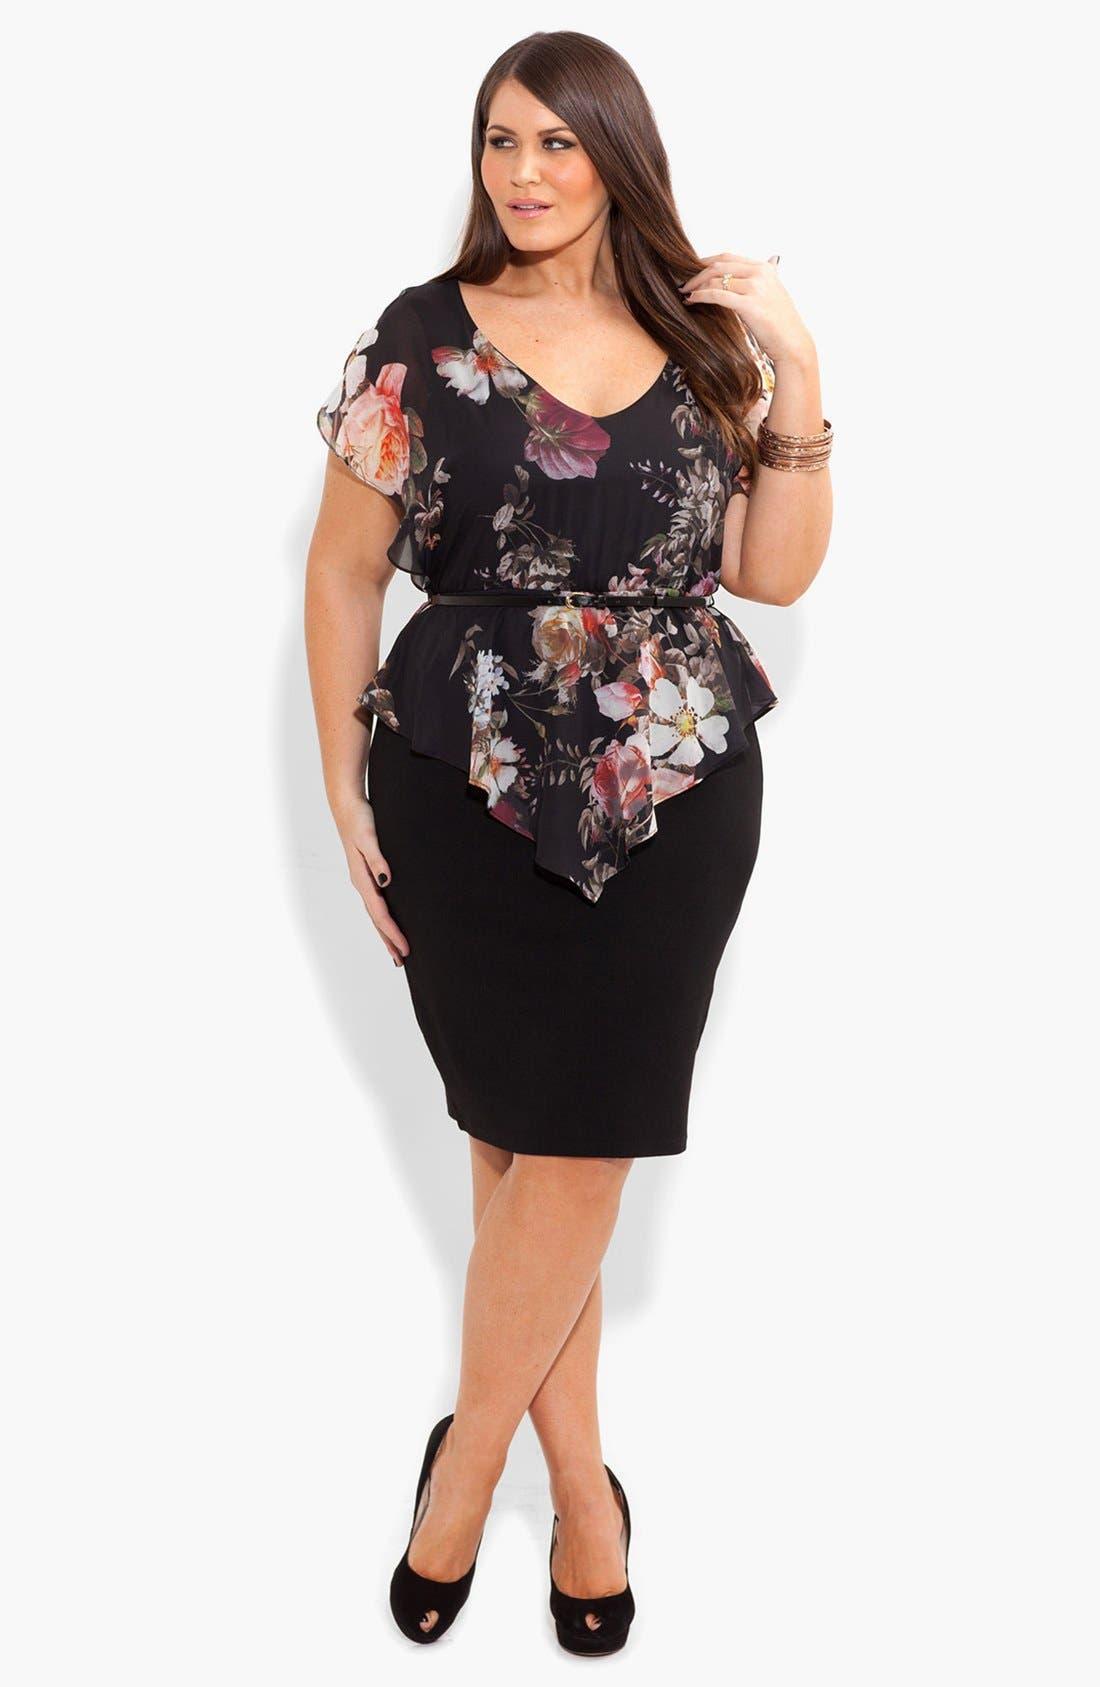 Main Image - City Chic Print Chiffon & Ponte Knit Dress (Plus Size)